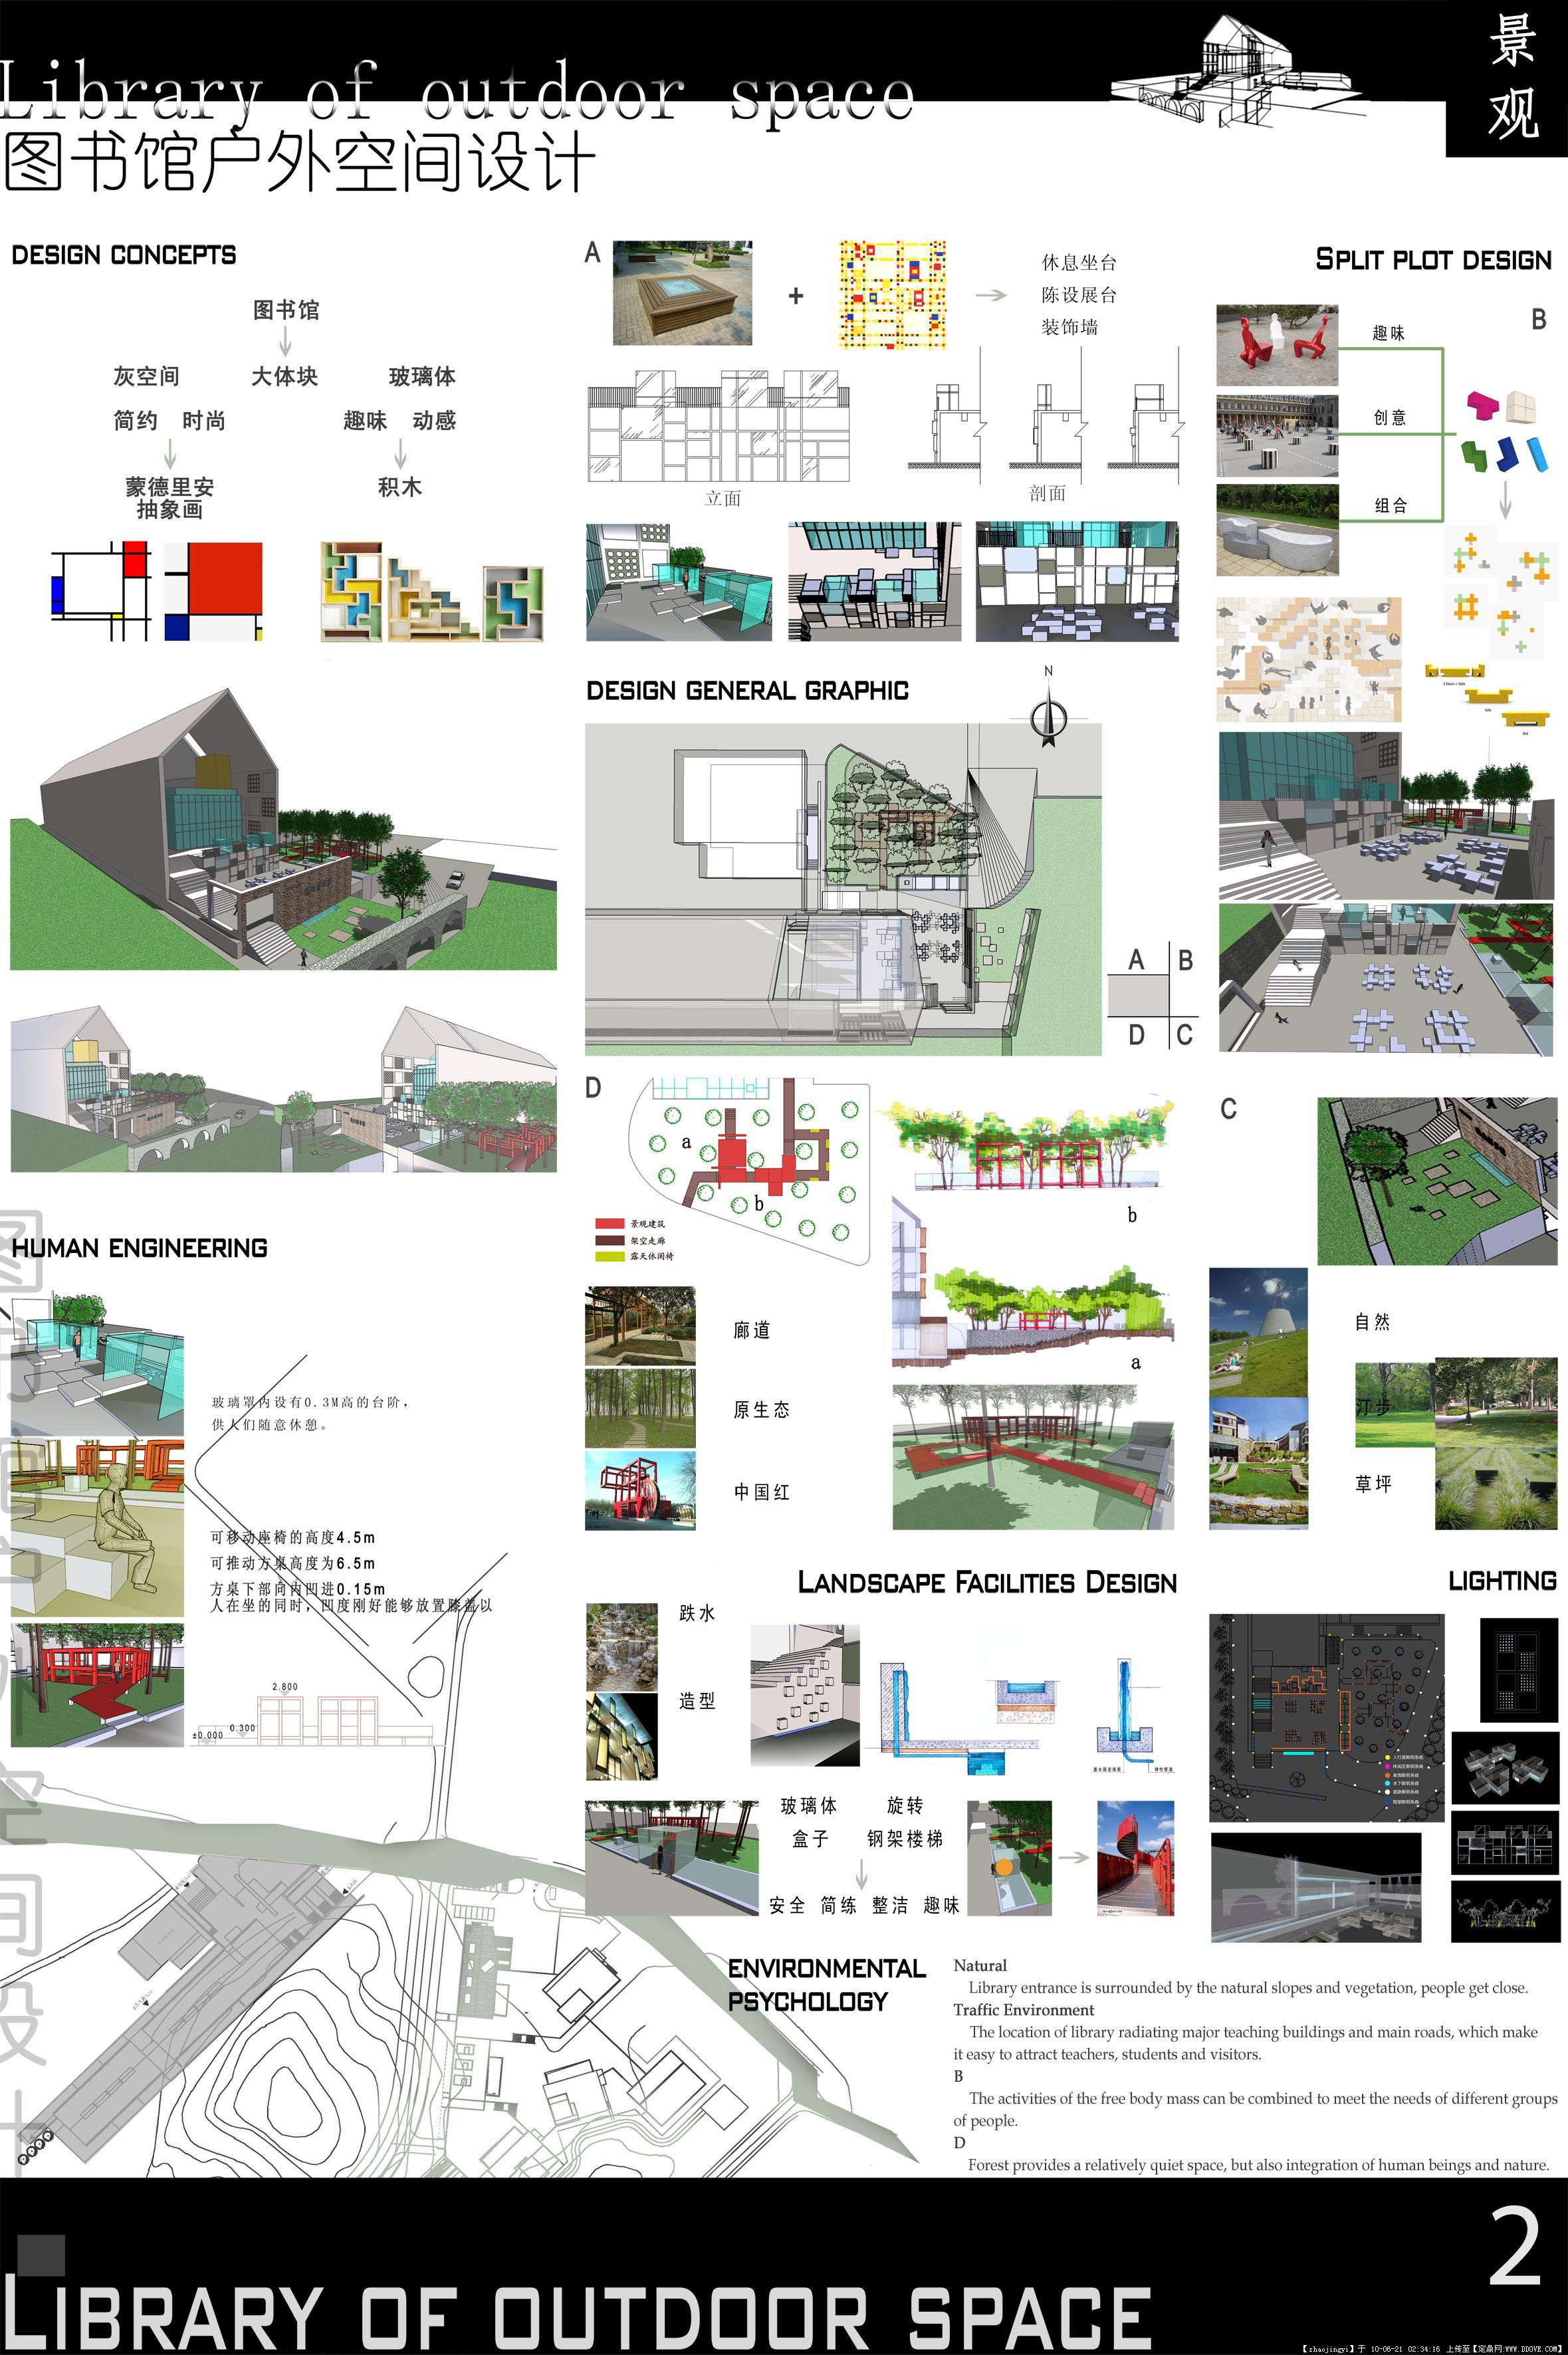 图书馆户外空间-版式2.jpg